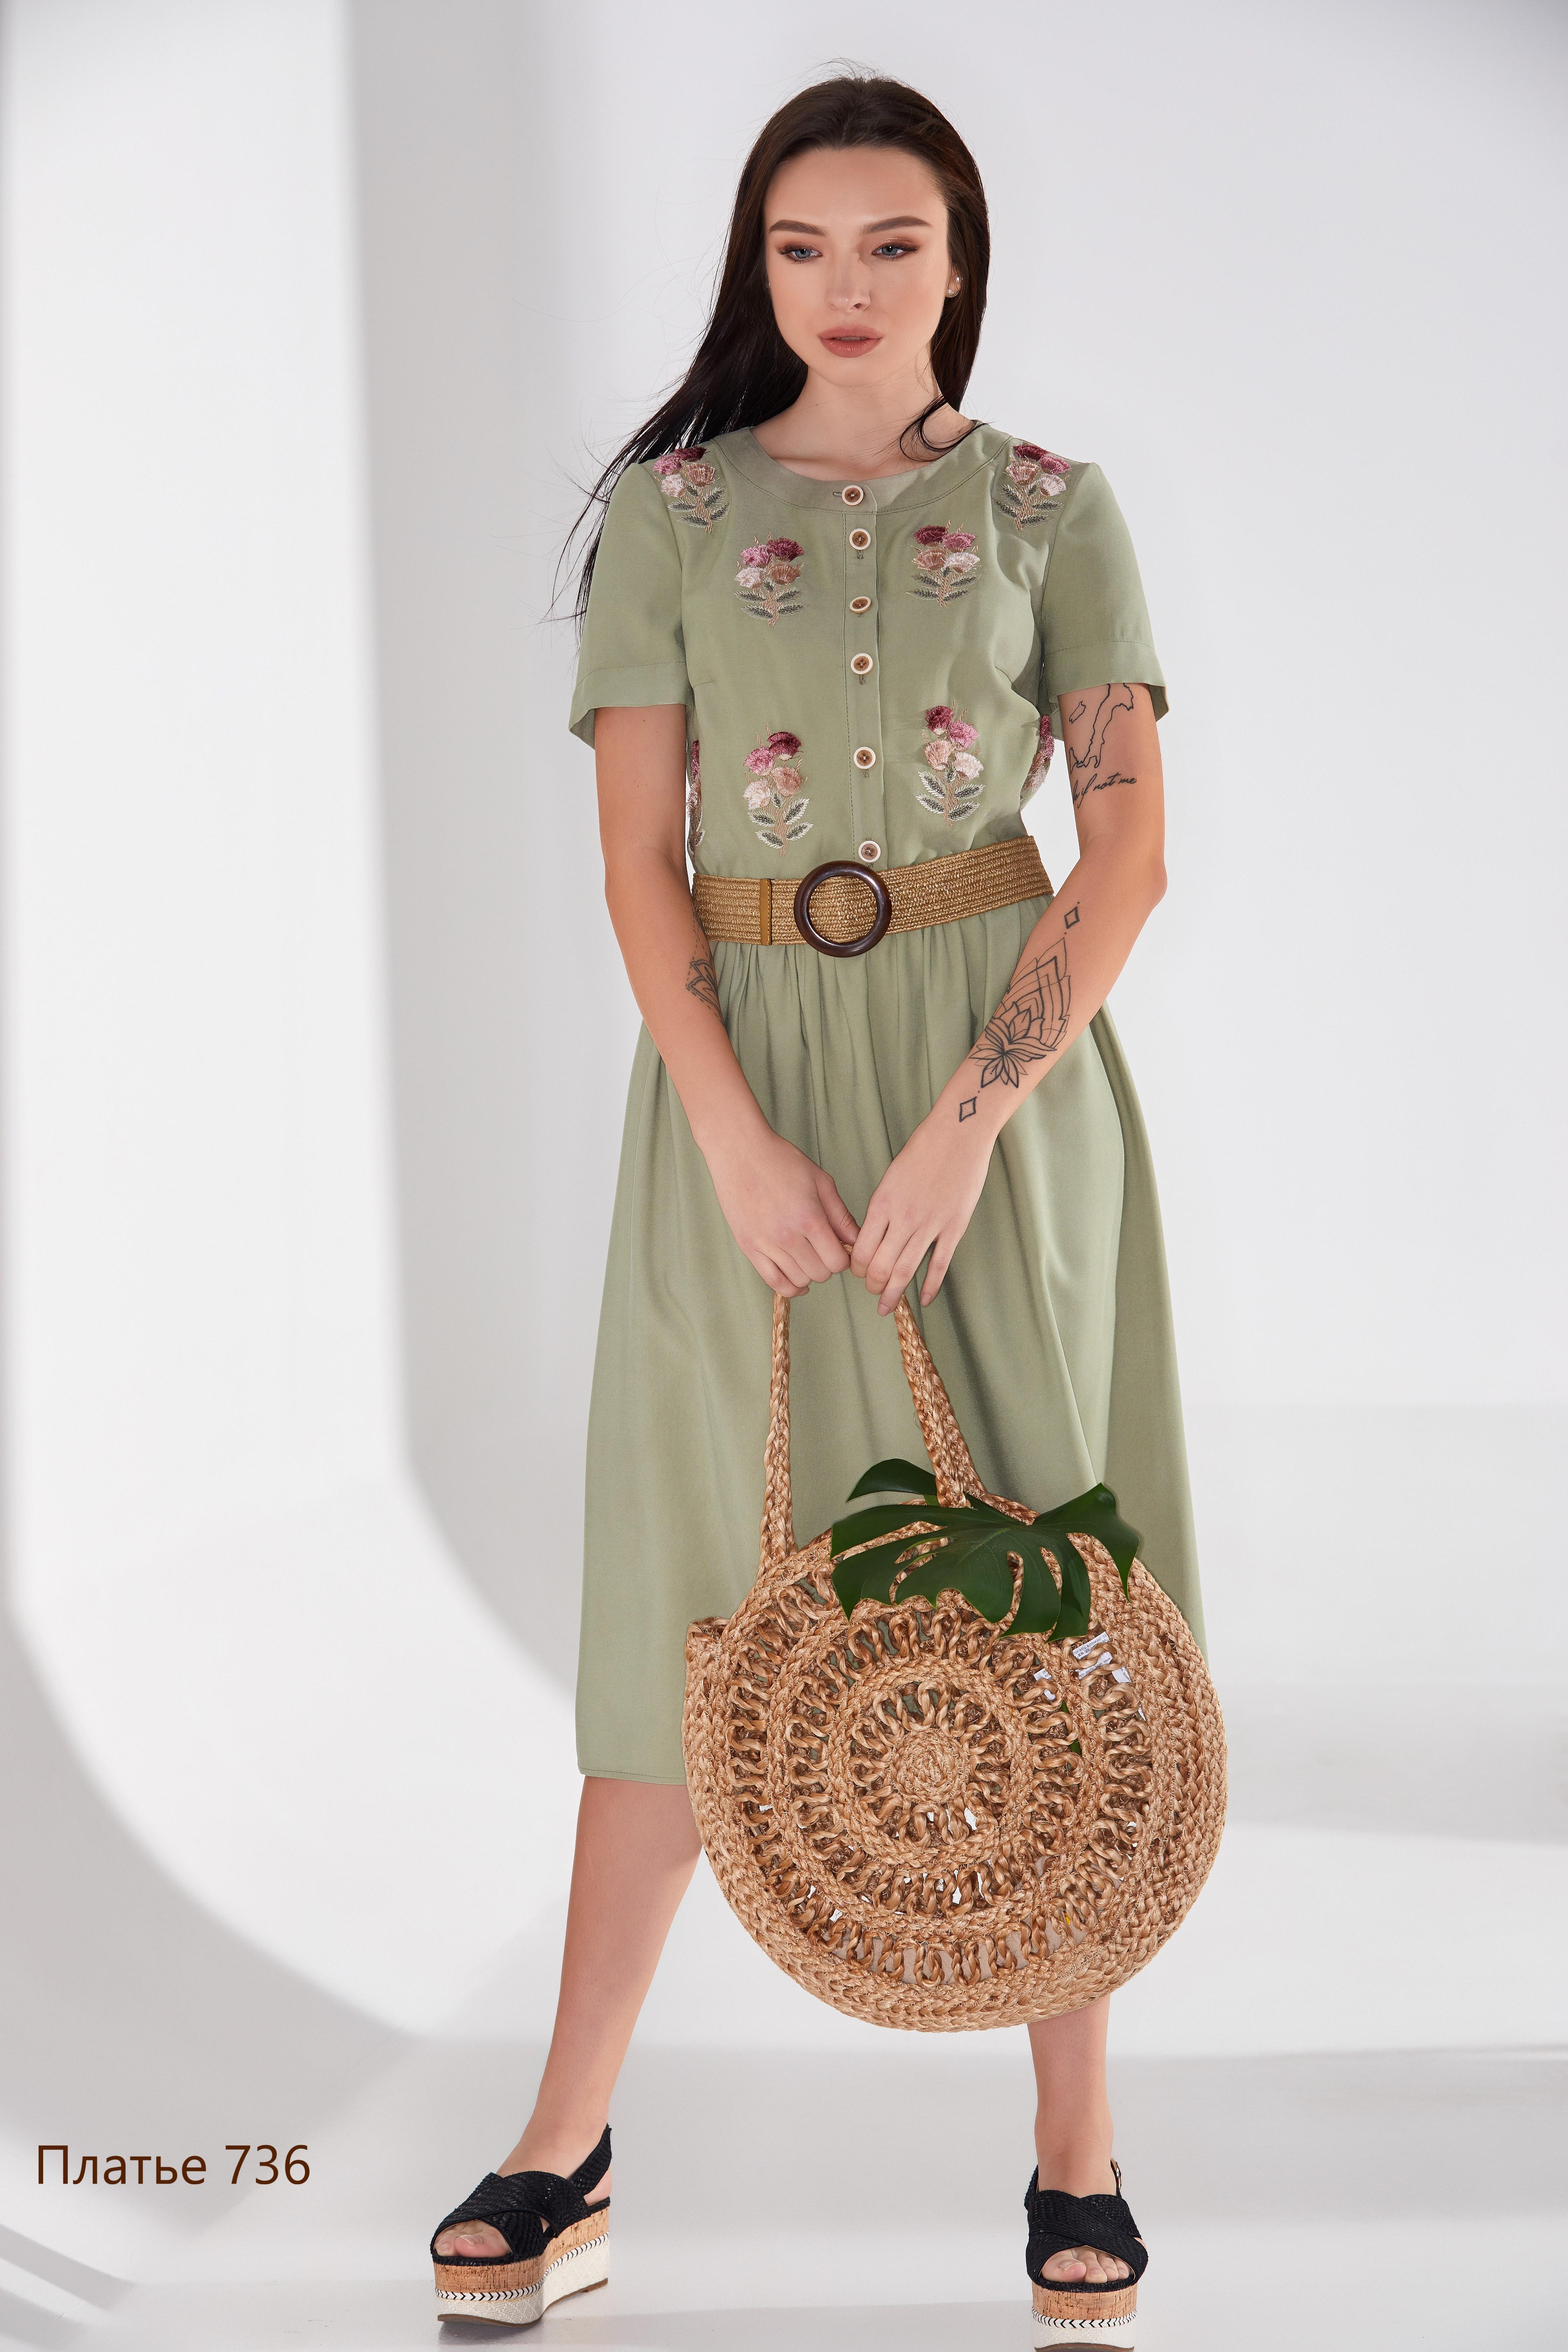 Платье 736 (1)